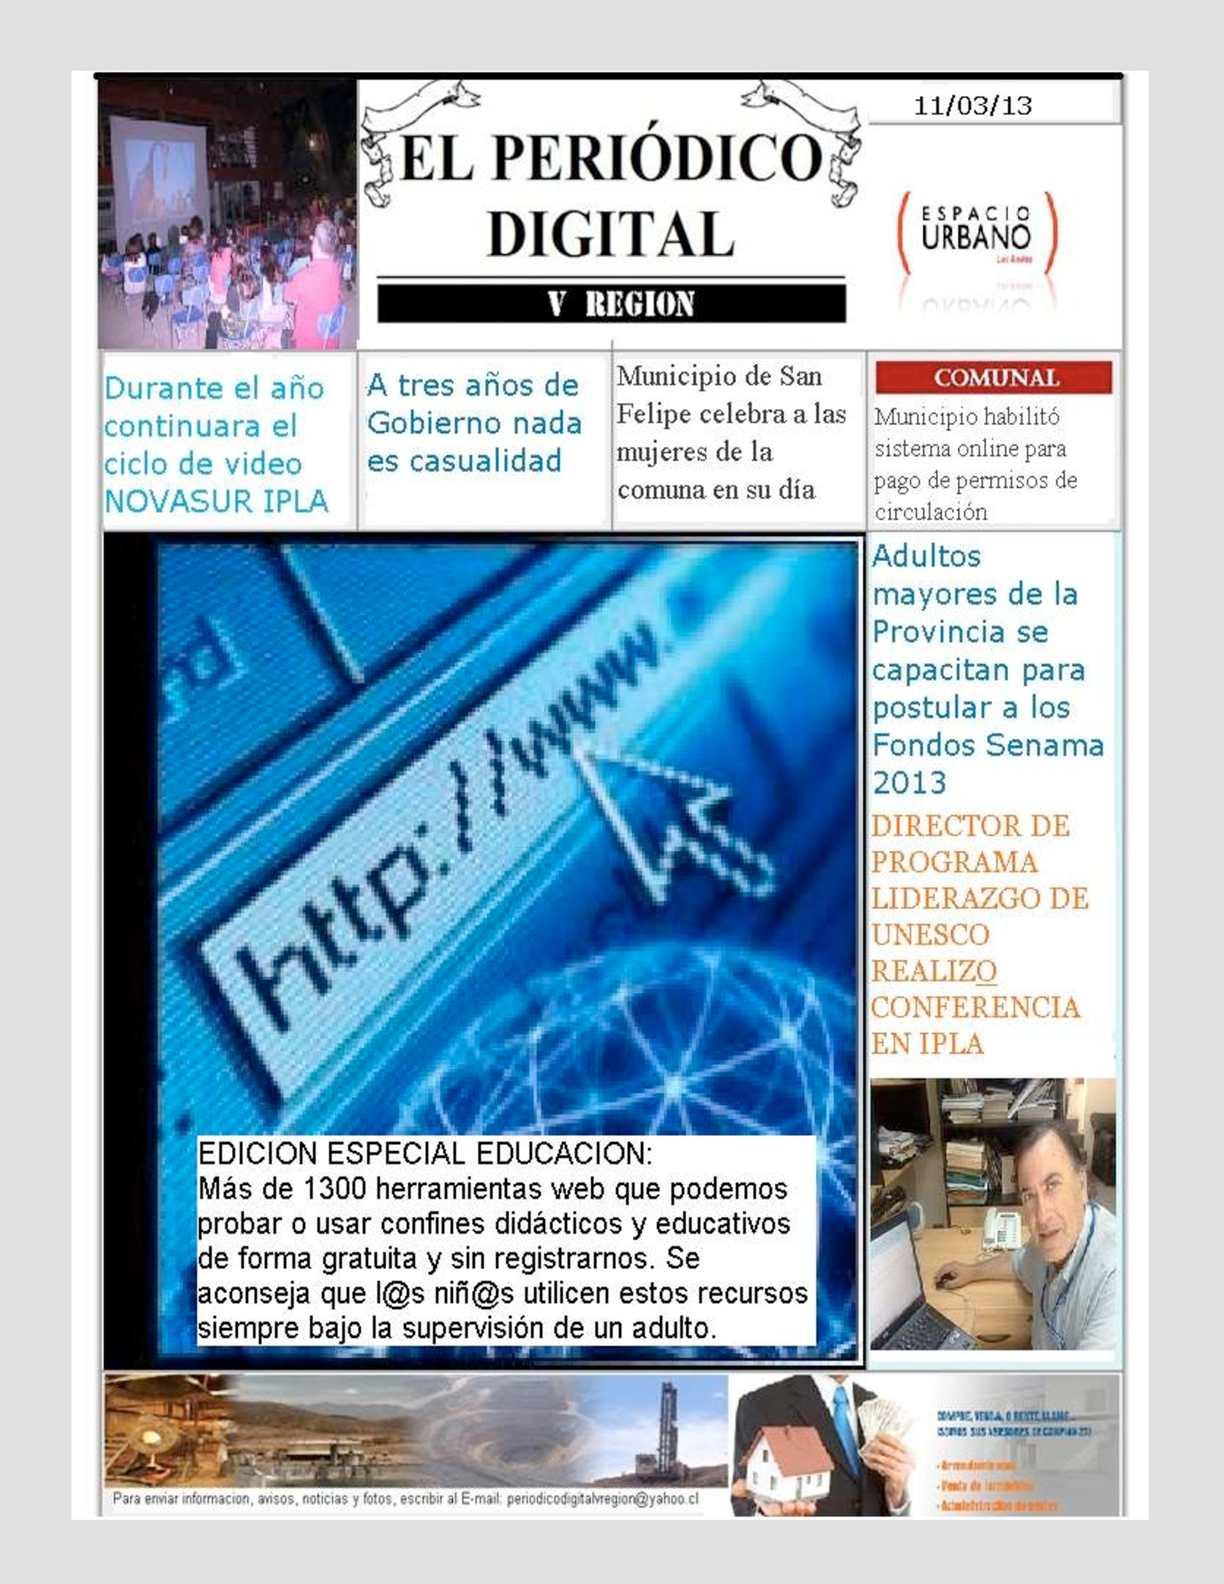 Calaméo - Periodico Digital V Region 11/3/13